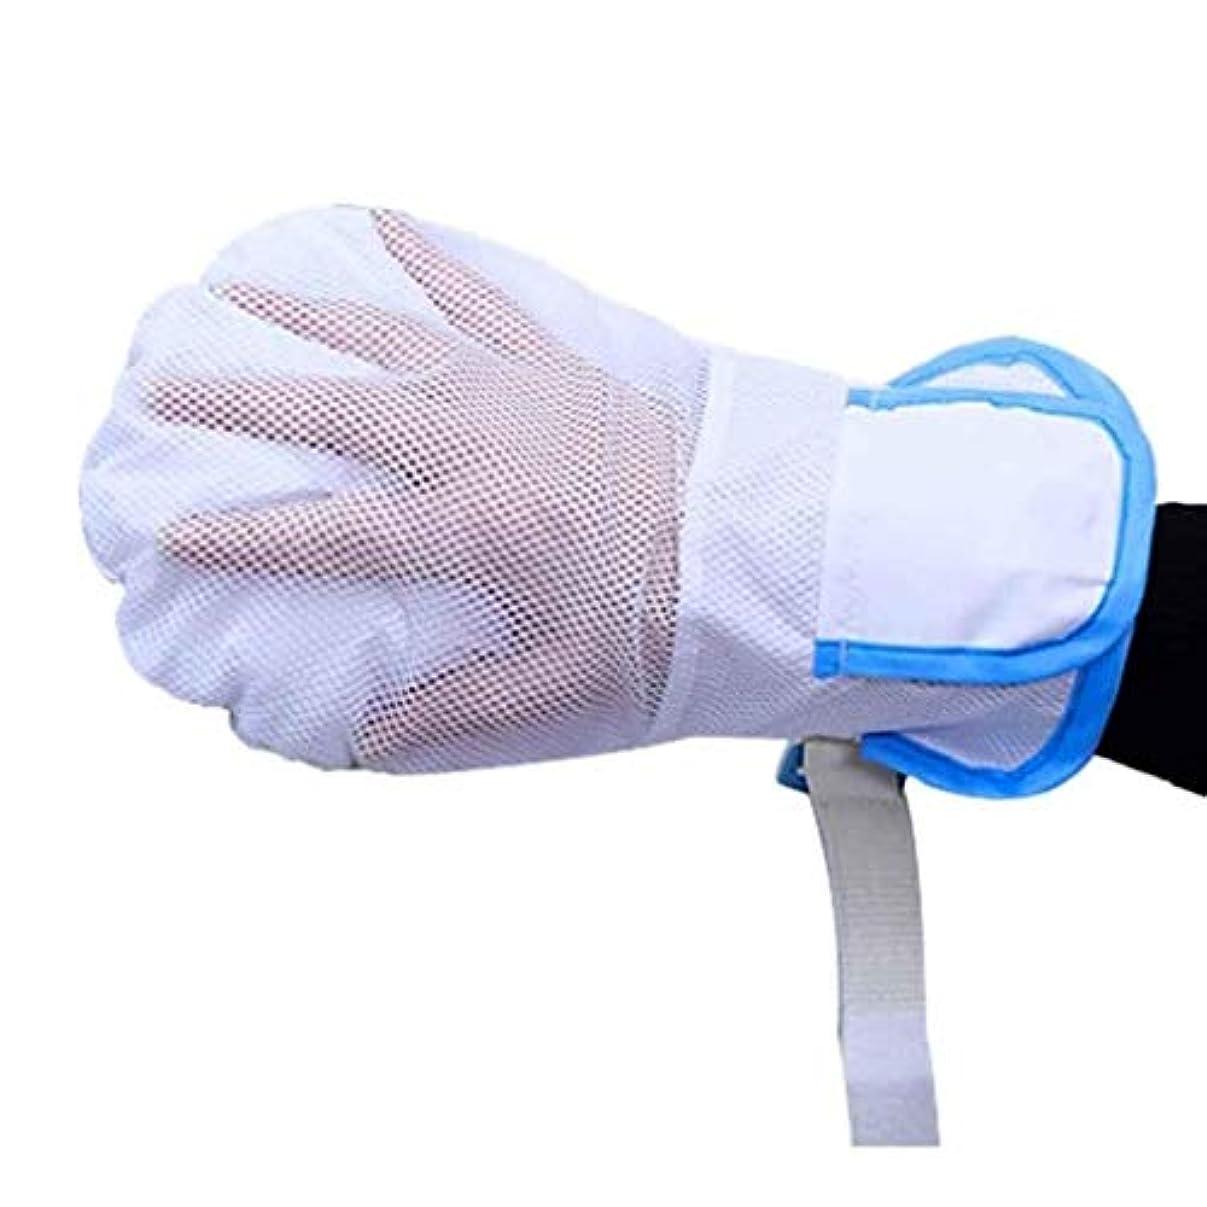 合金分布ドライフィンガーコントロールミット 医療用防護服患者用手感染プロテクターパッド入りミットは高齢者のための指の害を防ぐための手袋を防ぎます